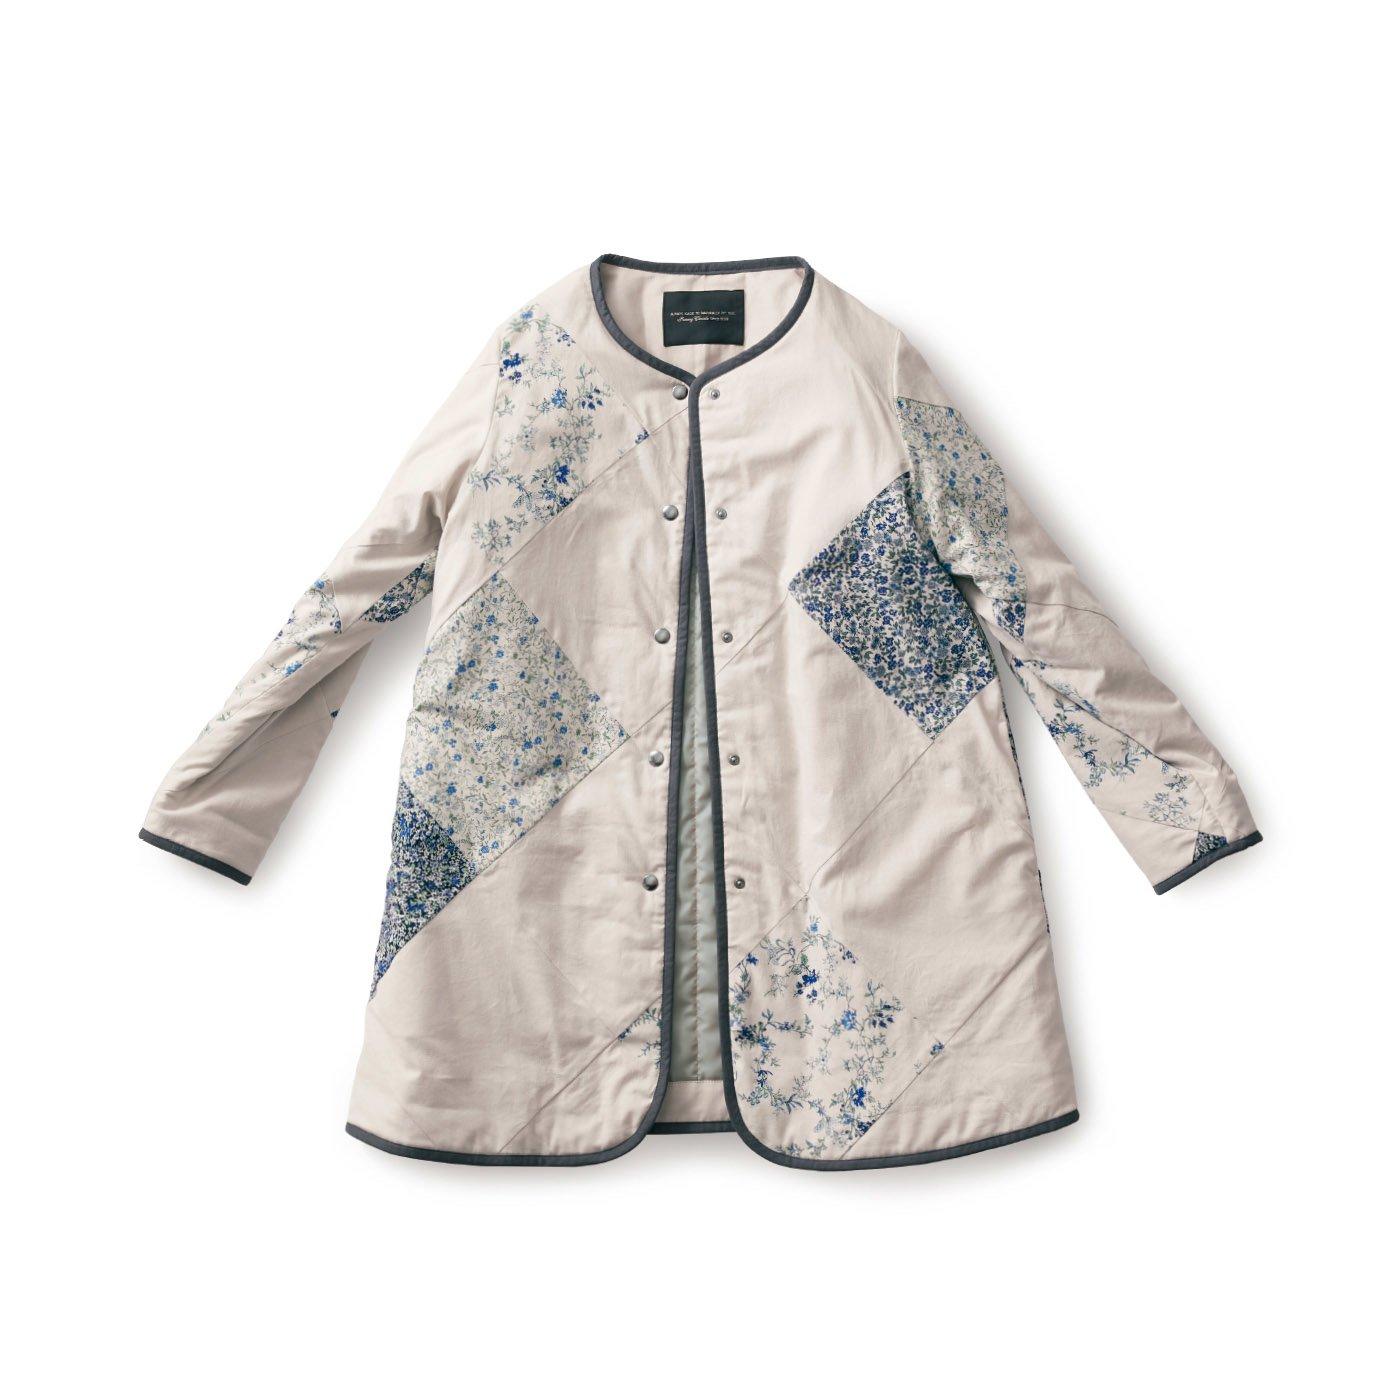 SUNNY CLOUDS  パッチワーク風キルトジャケット〈レディース〉